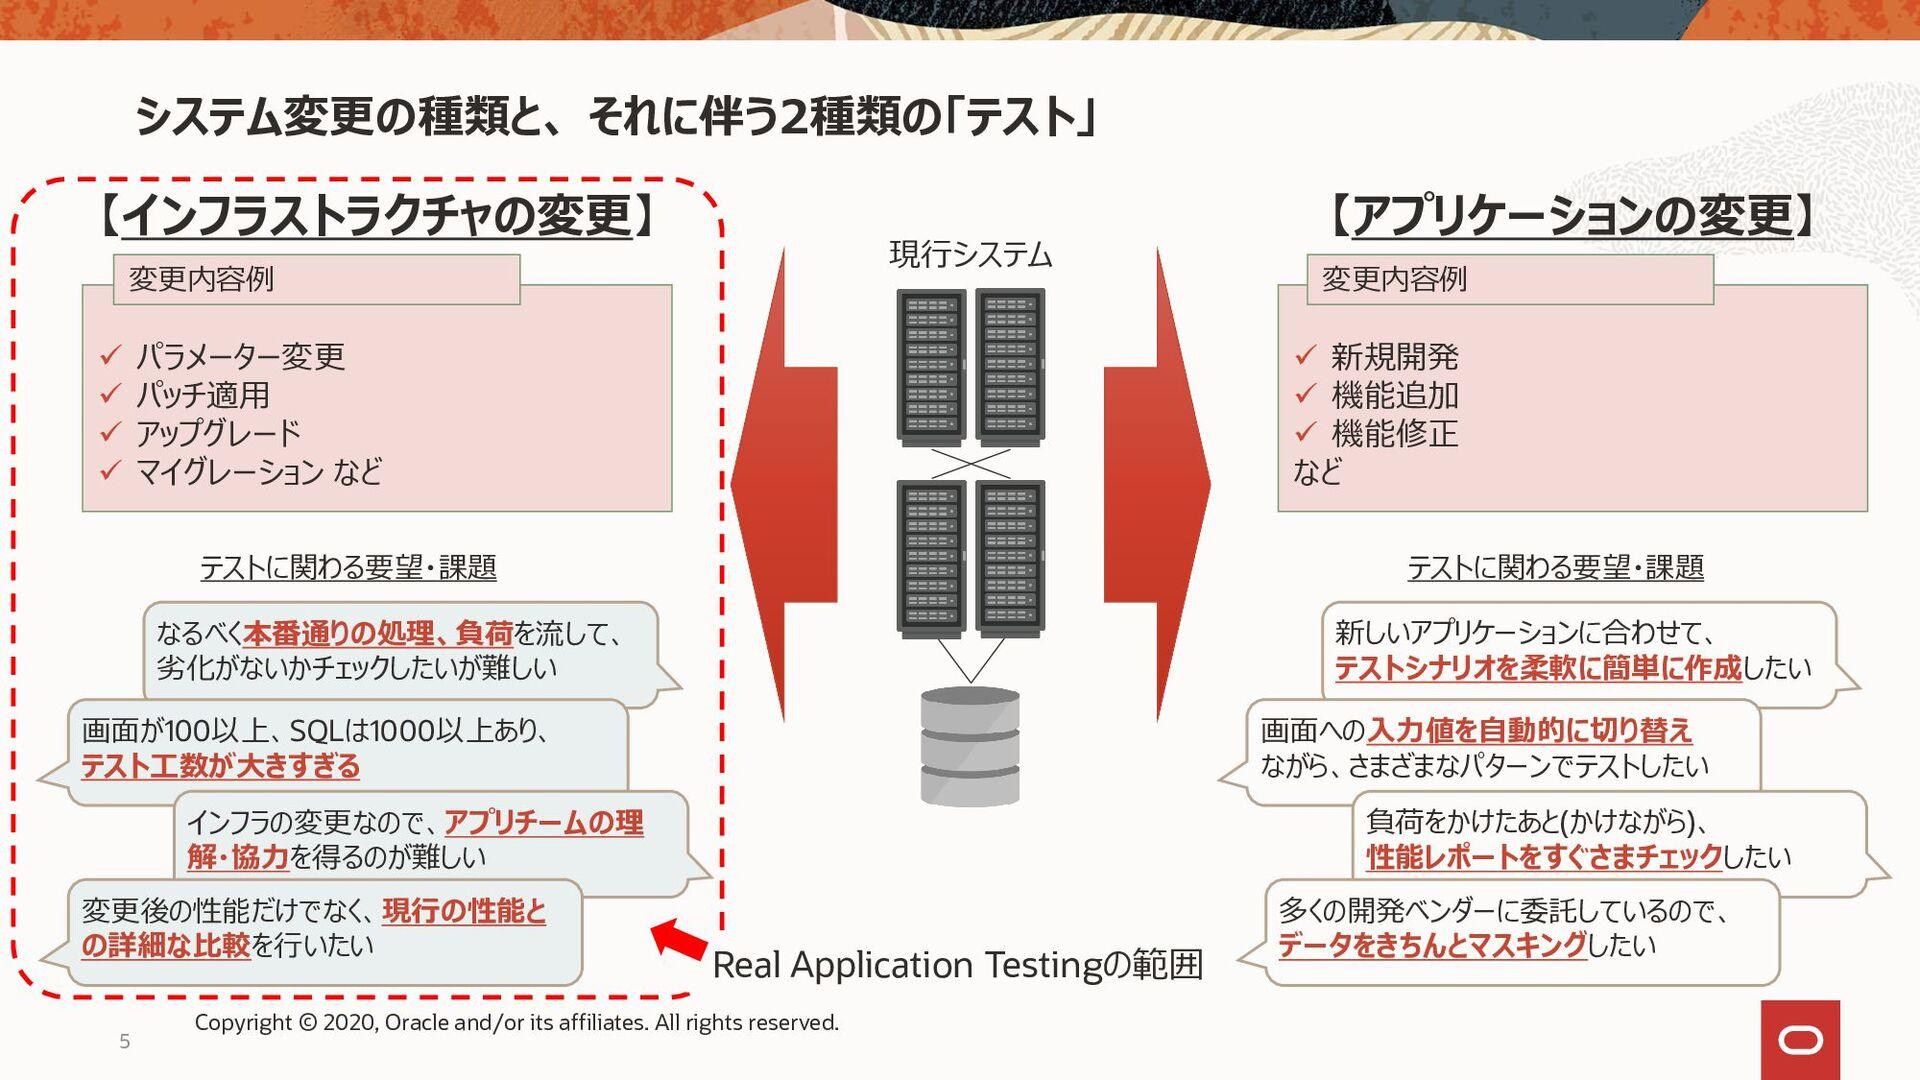 5 【インフラストラクチャの変更】 現行システム ✓ パラメーター変更 ✓ パッチ適用 ✓ ア...